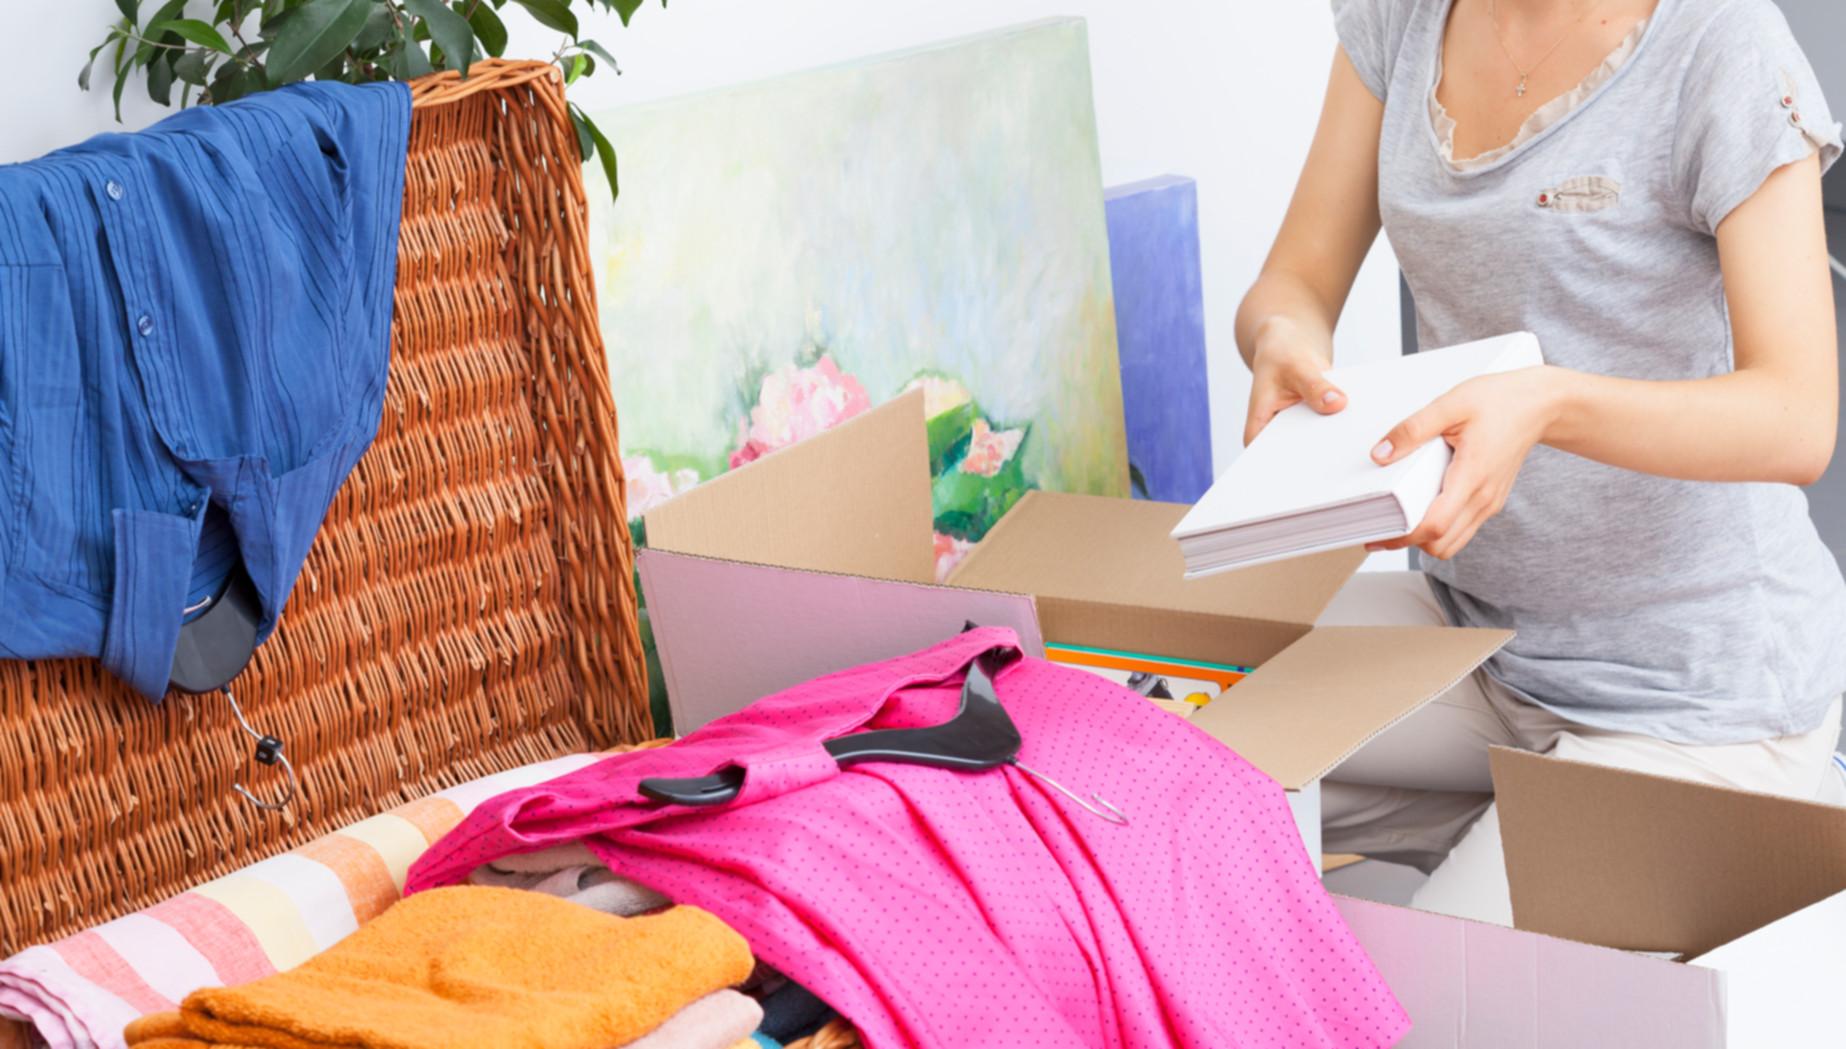 Einpacken für den Umzug